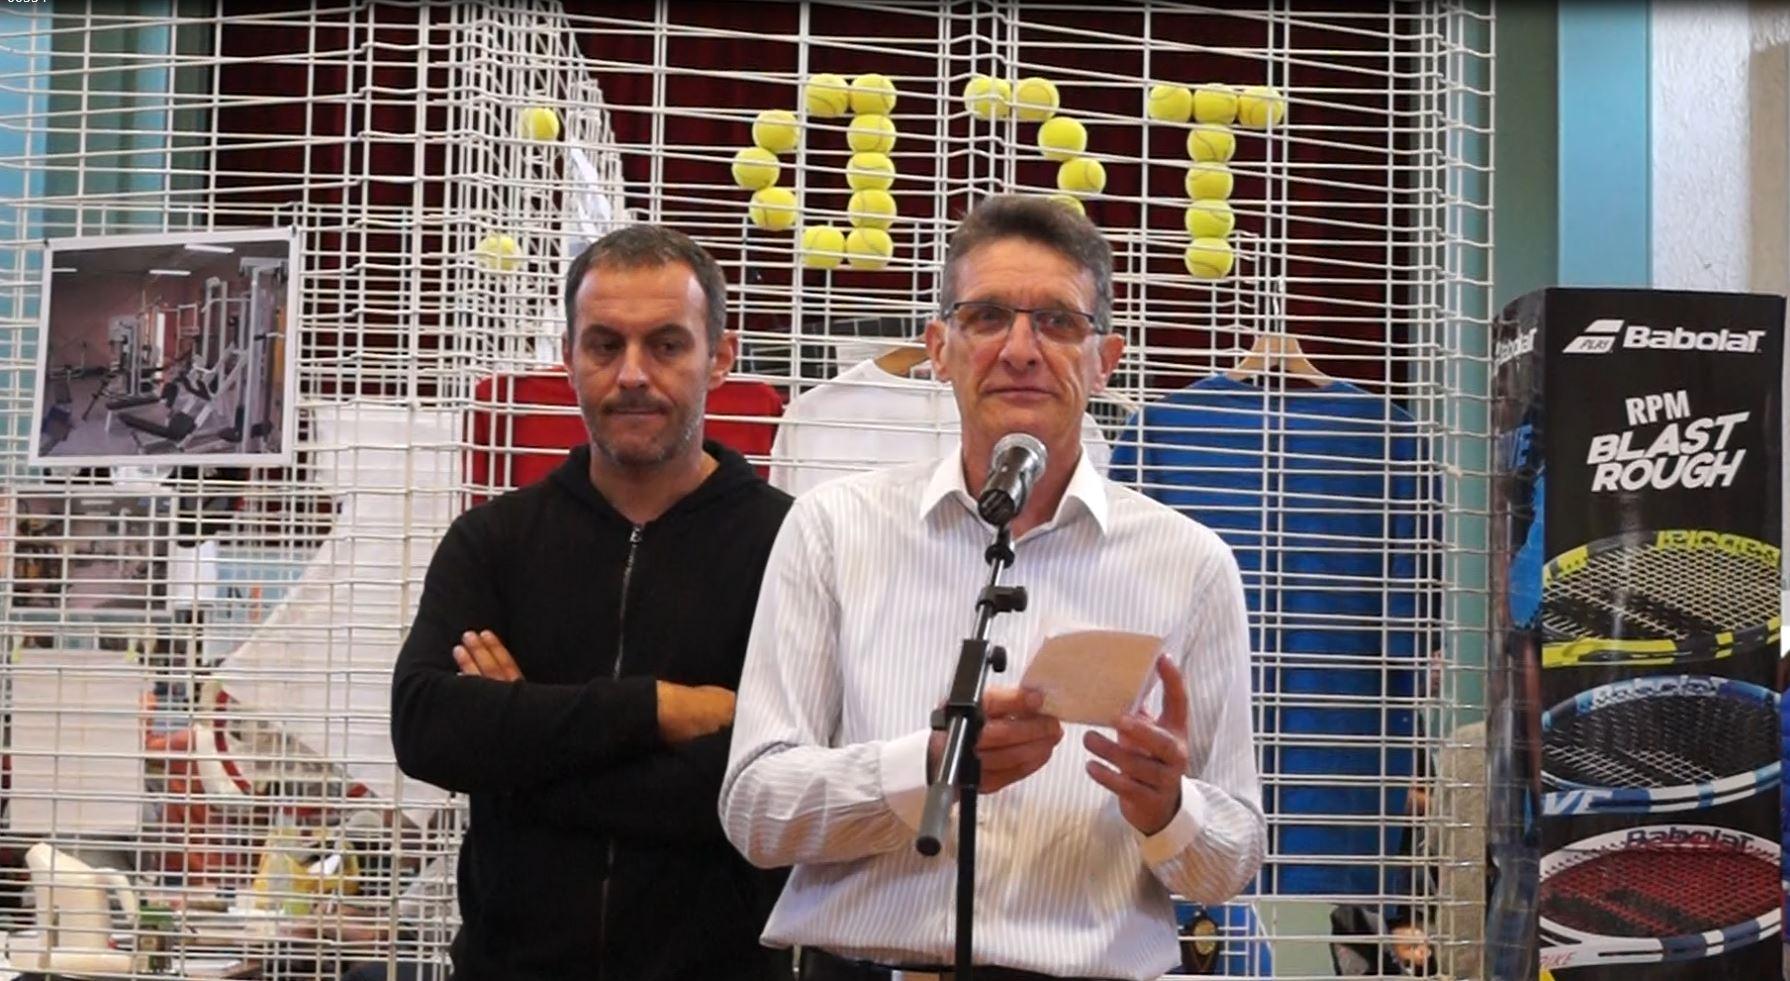 De gauche à droite : Manuel Cordeiro et Michel Courteaux accueillent les associations à la salle des fêtes de Dormans.